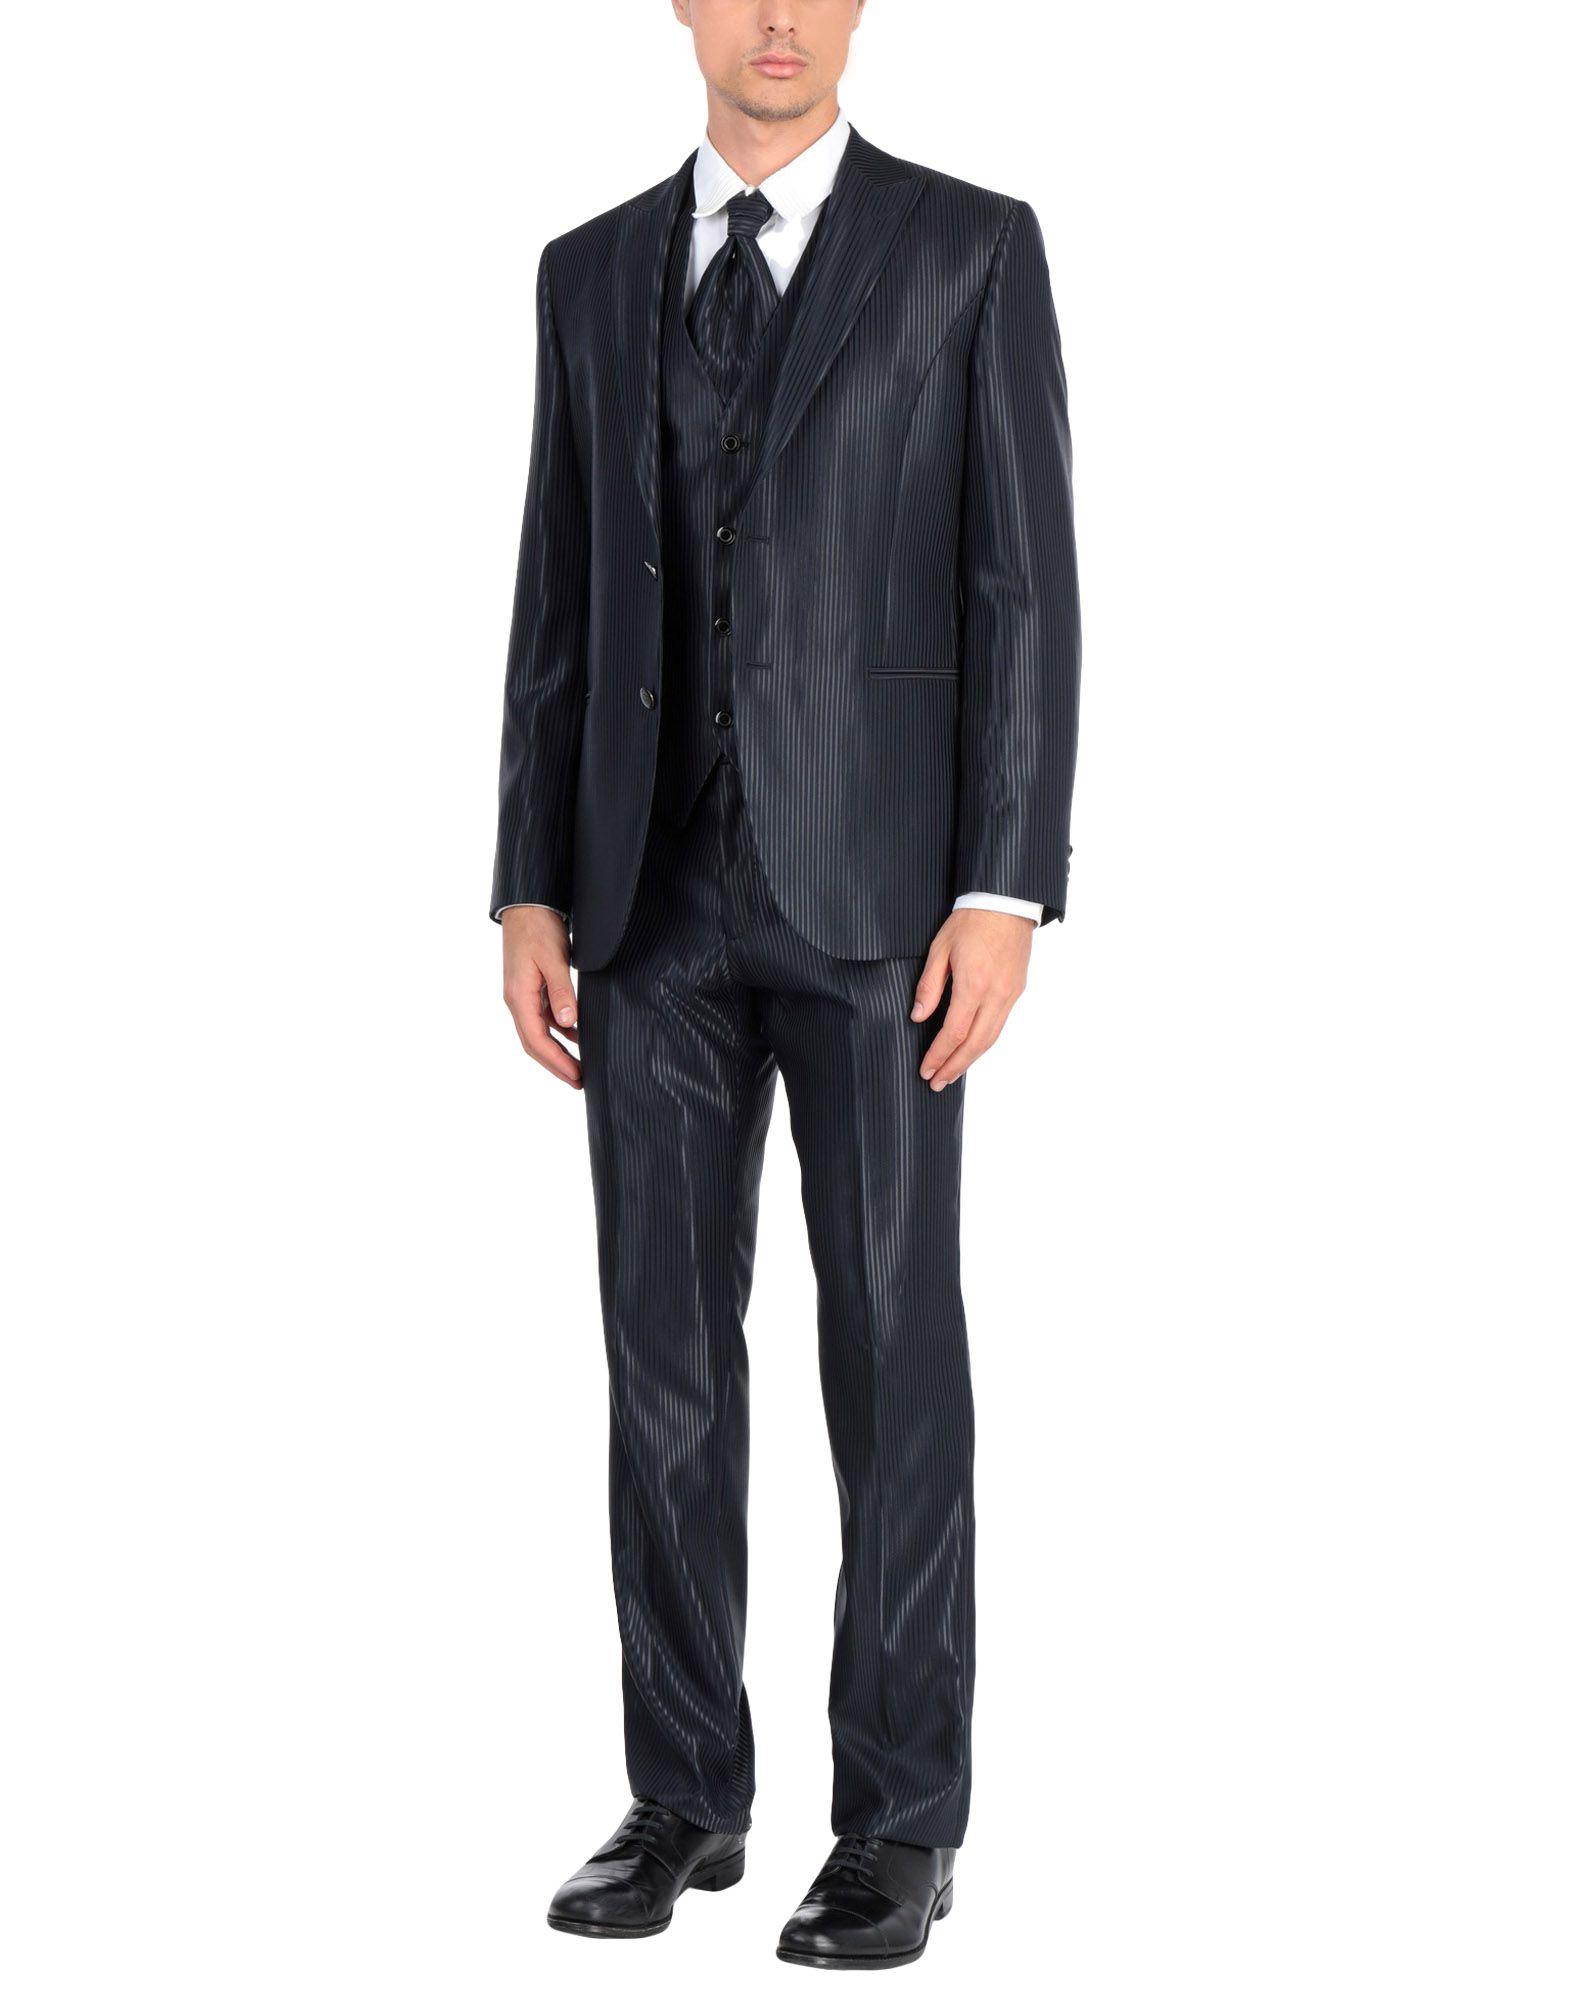 《送料無料》LUIGI BIANCHI Mantova メンズ スーツ ブラック 48 バージンウール 66% / ポリエステル 34%